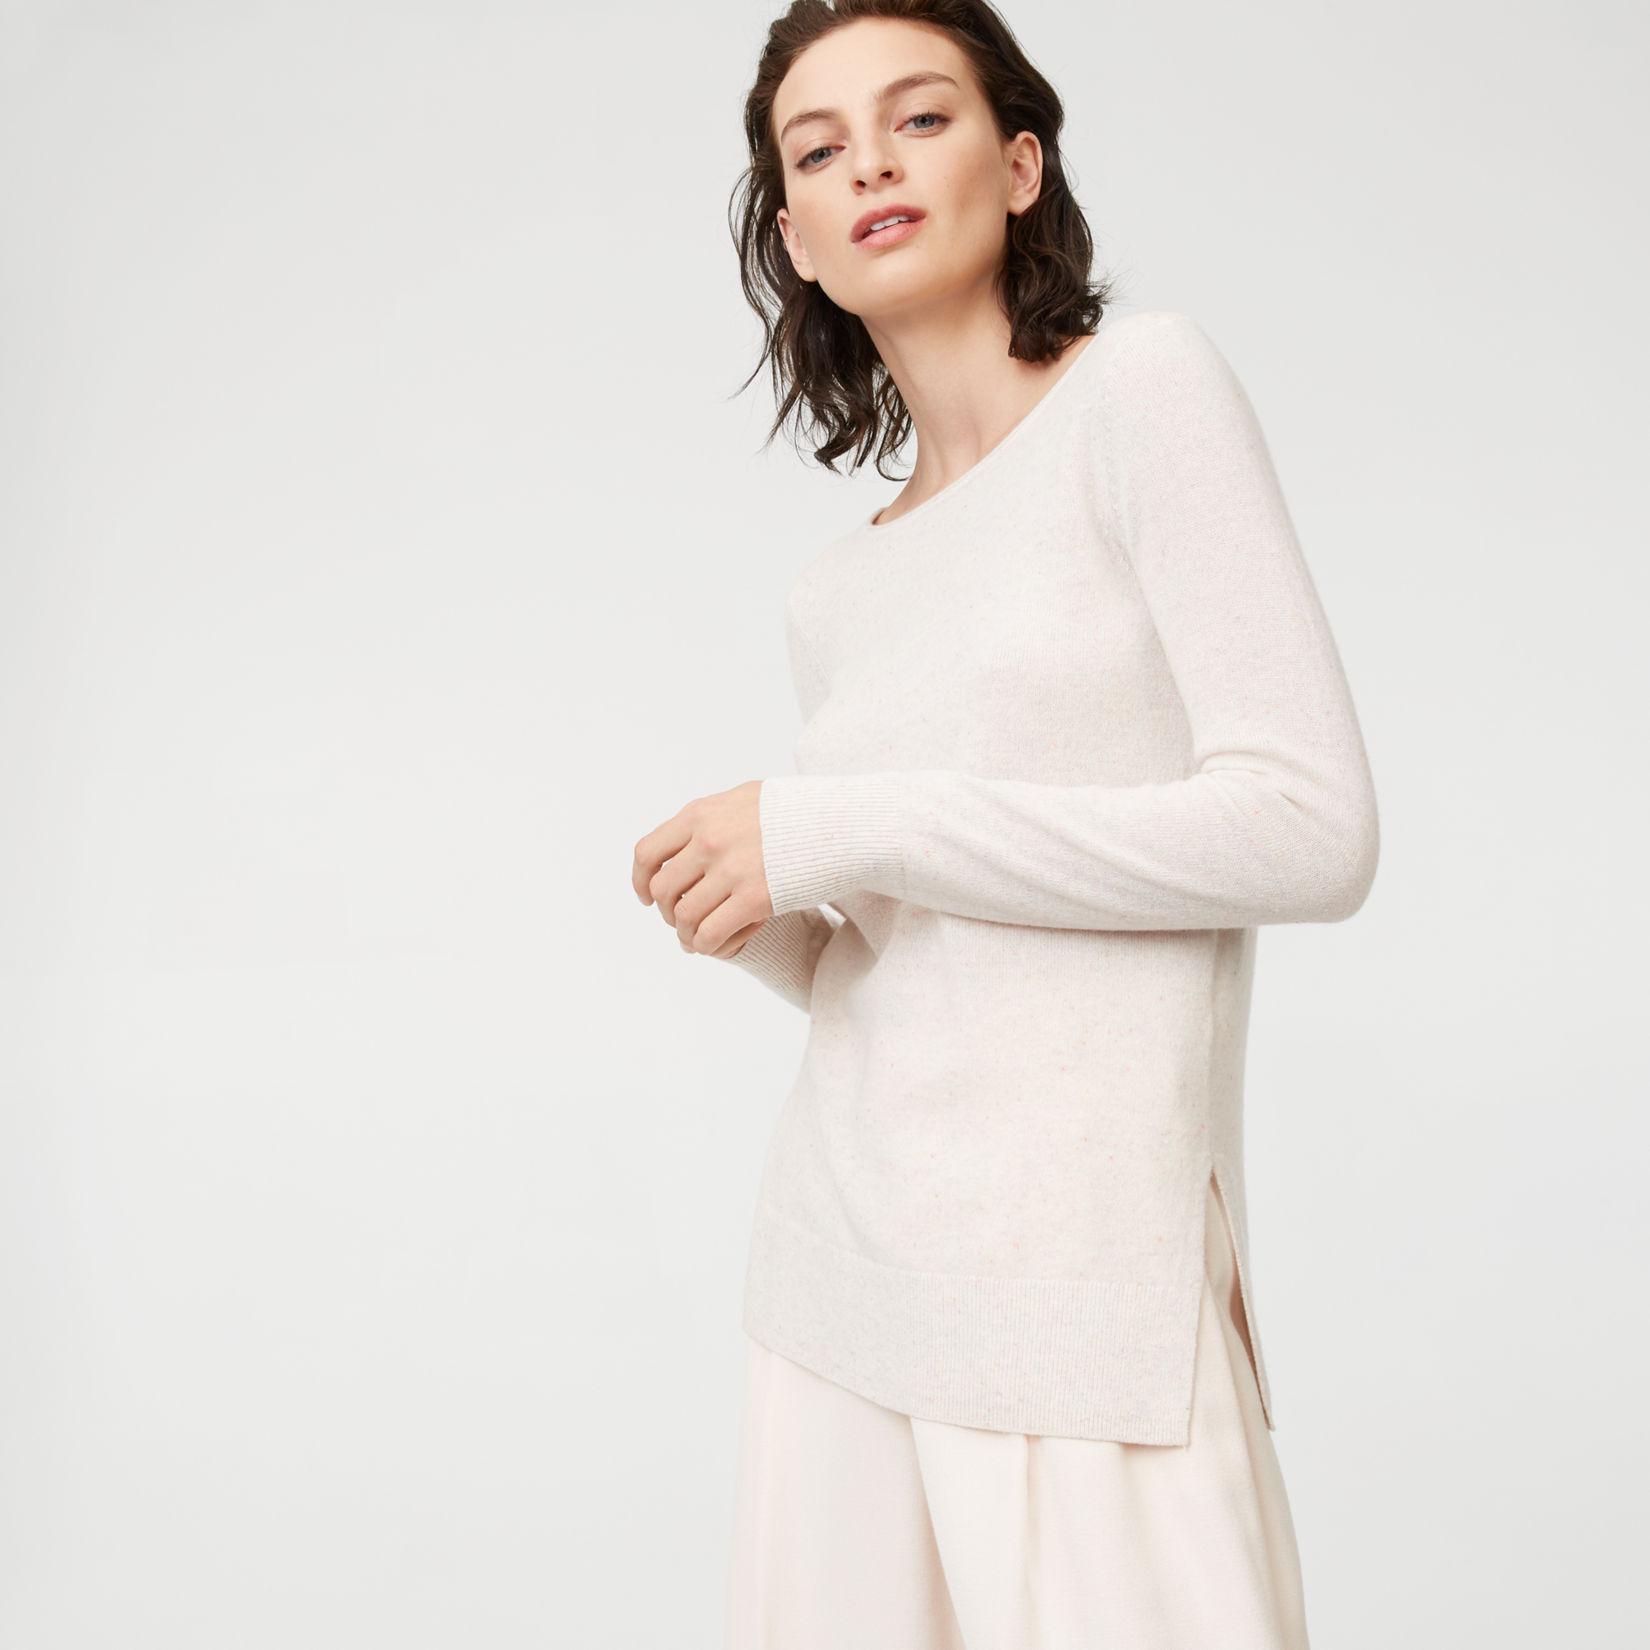 Women | Cashmere | Nicolette Cashmere Sweater | Club Monaco